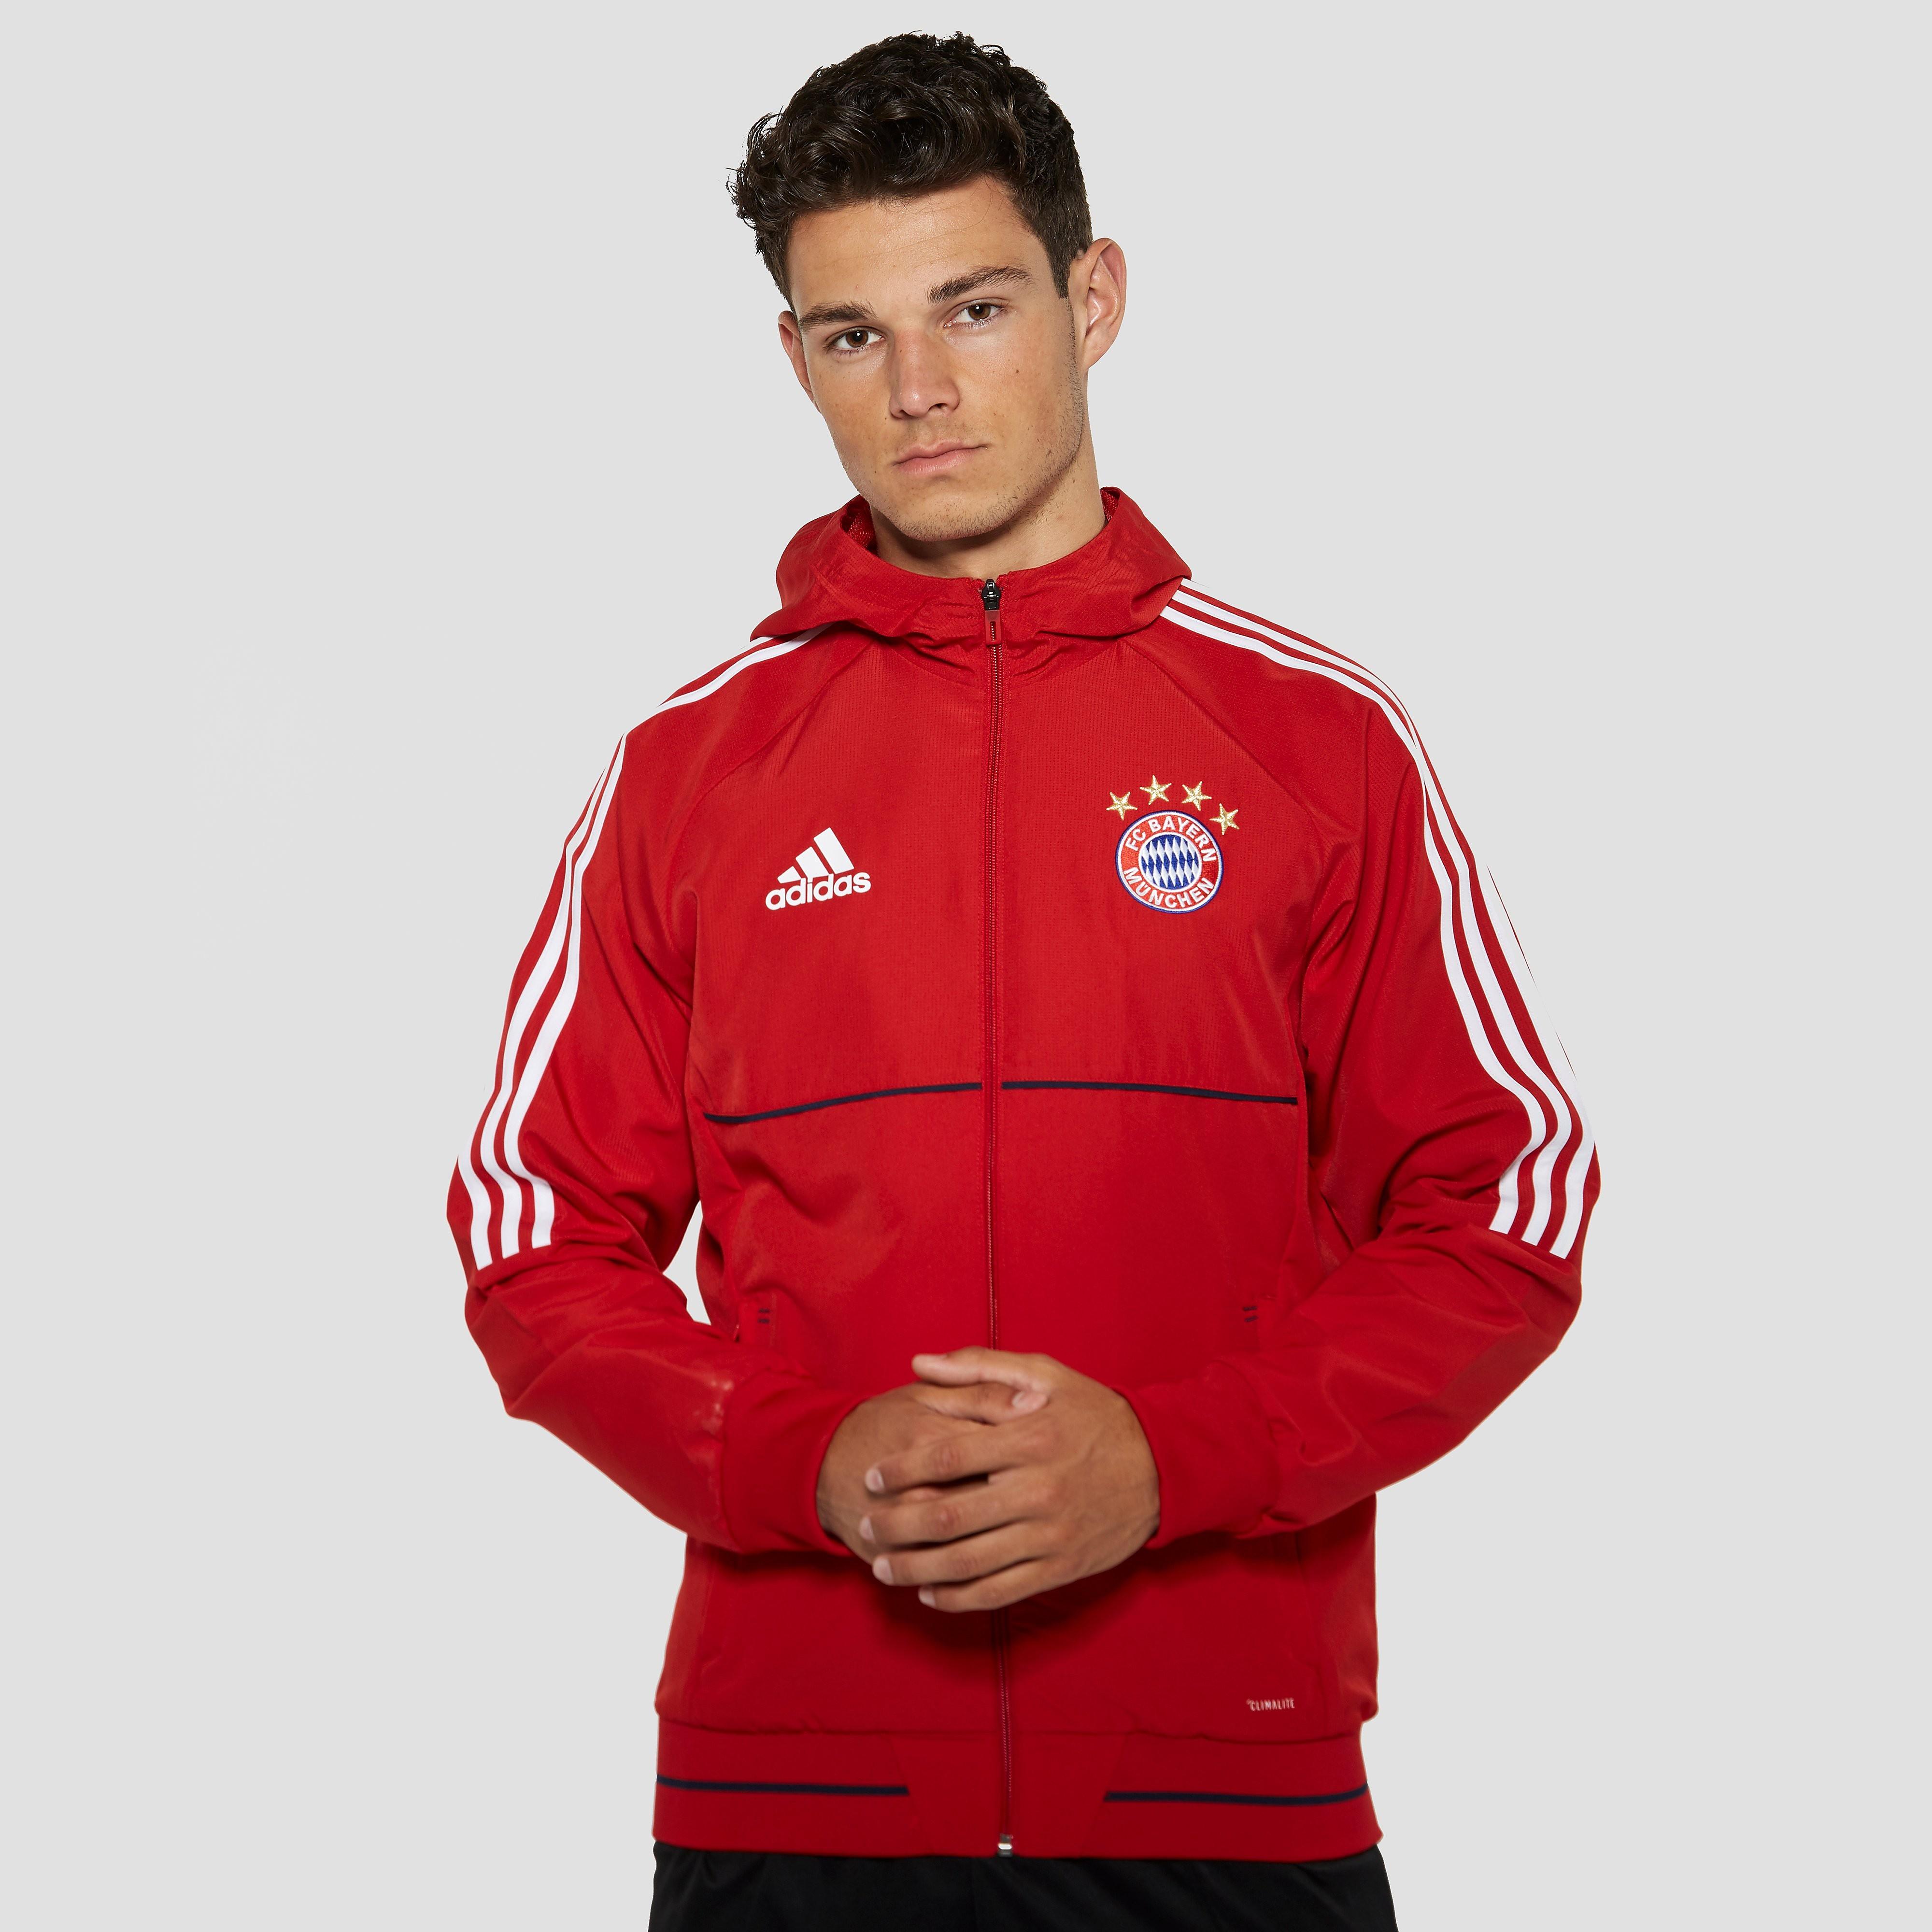 ADIDAS FC BAYERN MÜNCHEN PRESENTATIEJAS 17/18 ROOD/WIT HEREN